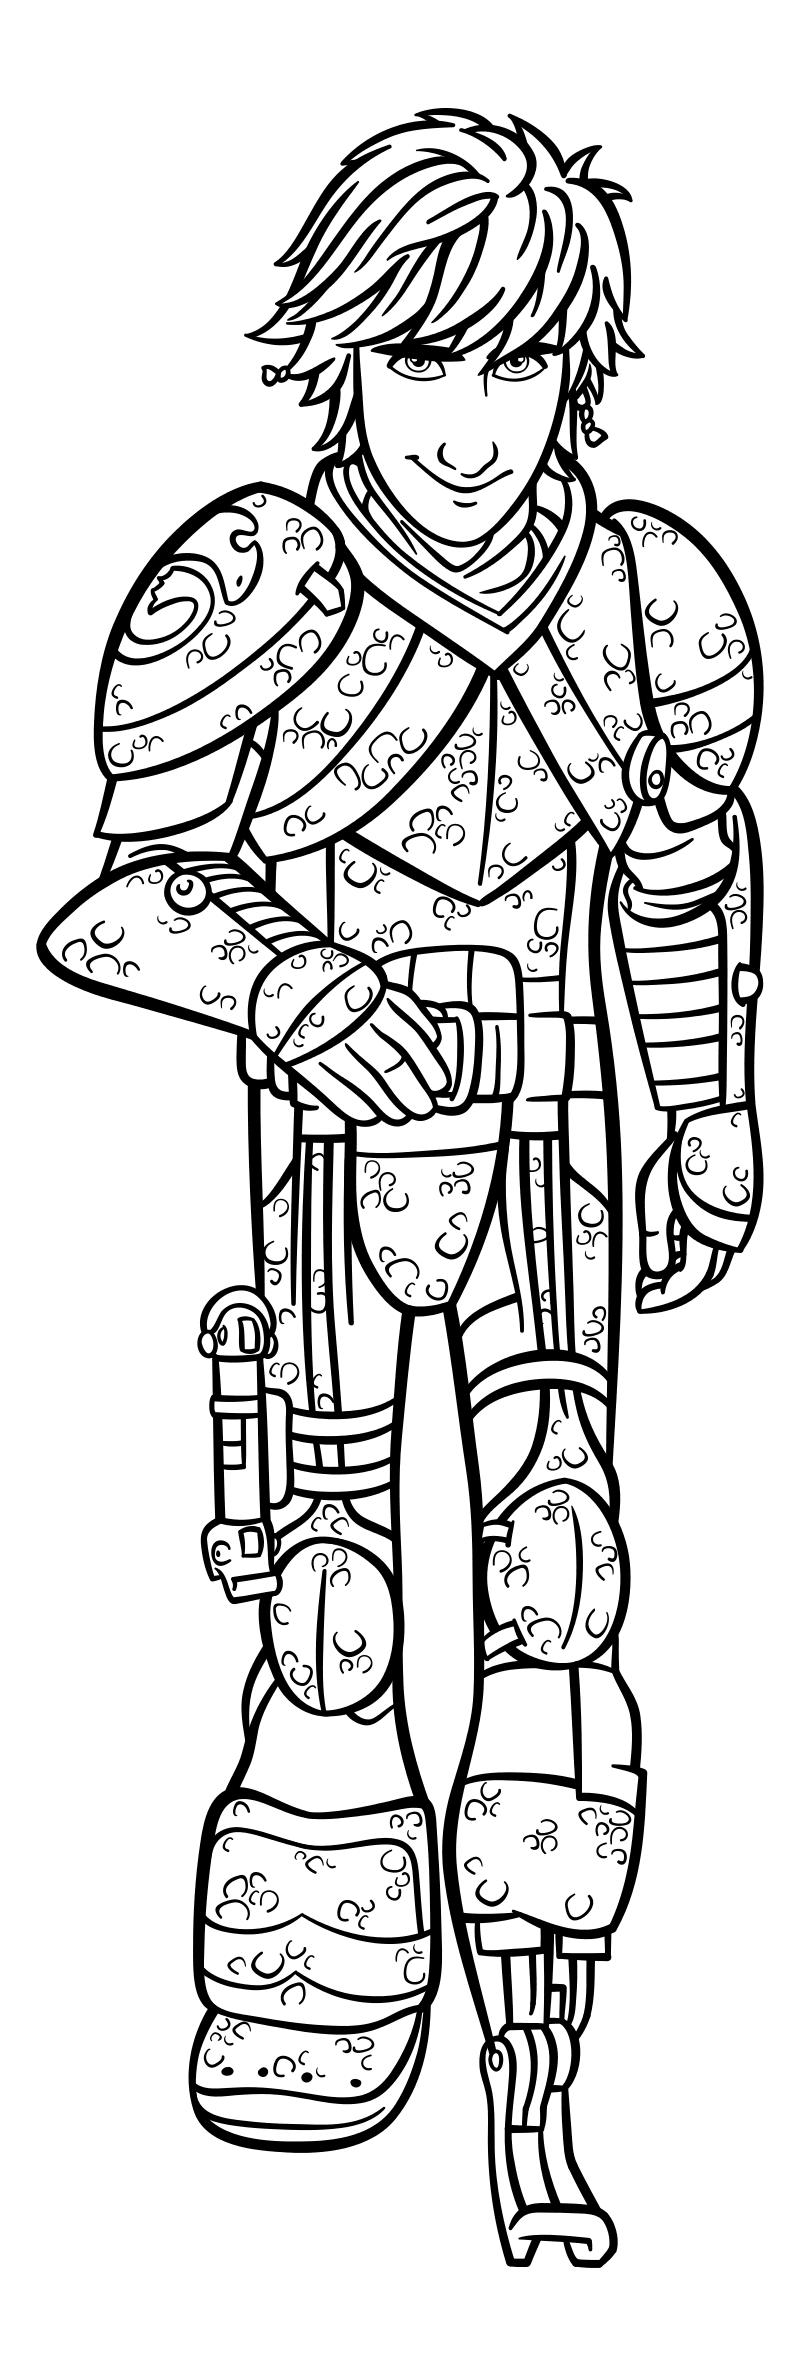 Раскраска - Как приручить дракона 3 - Иккинг Кровожадный Карасик III